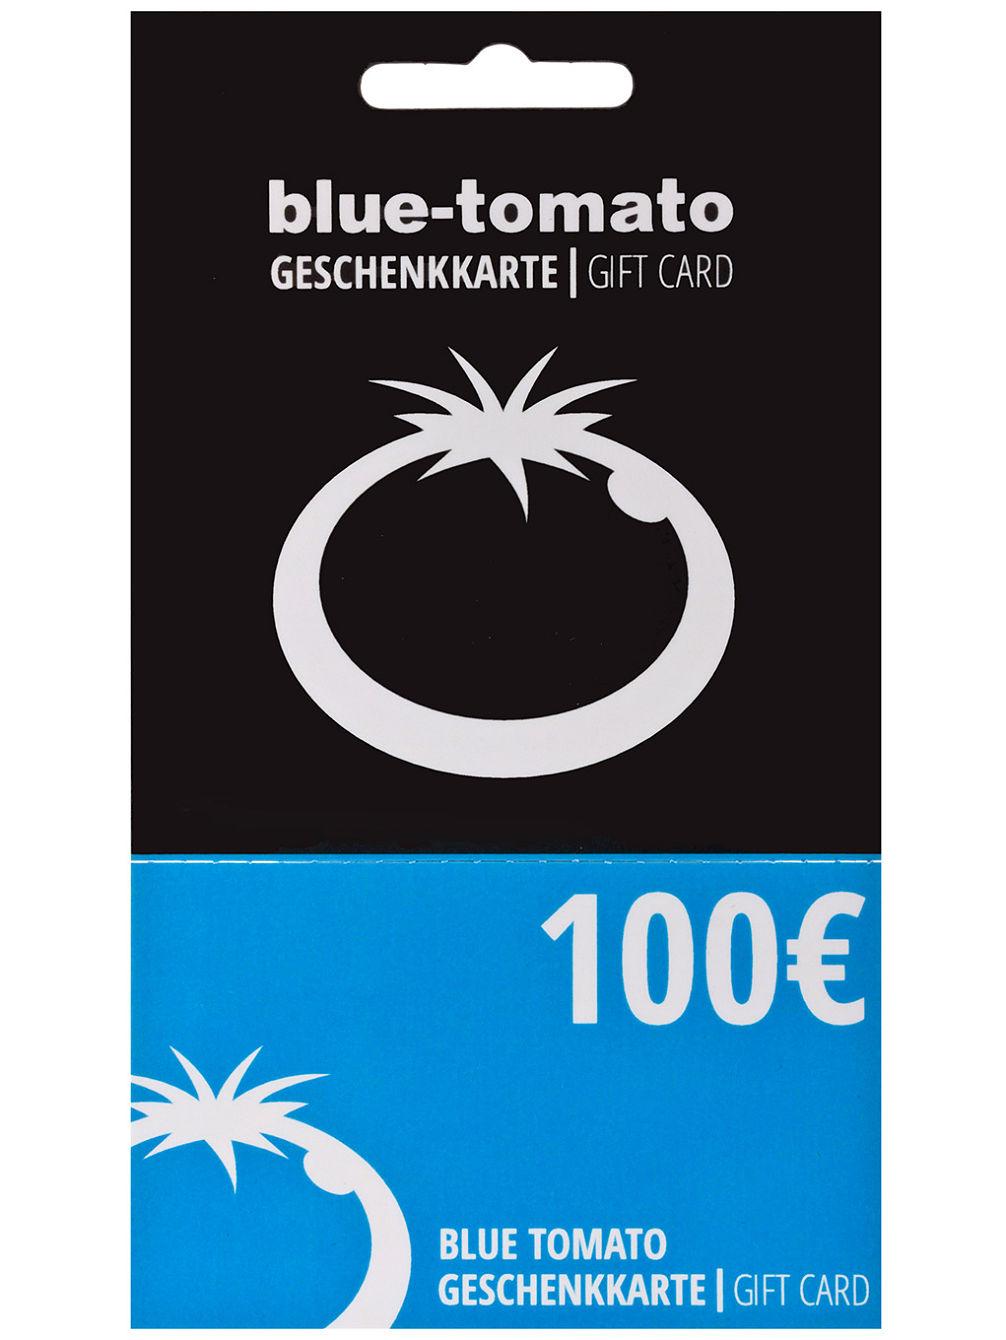 Blue tomato bt gutschein voucher 100 online kaufen bei for Smow gutschein